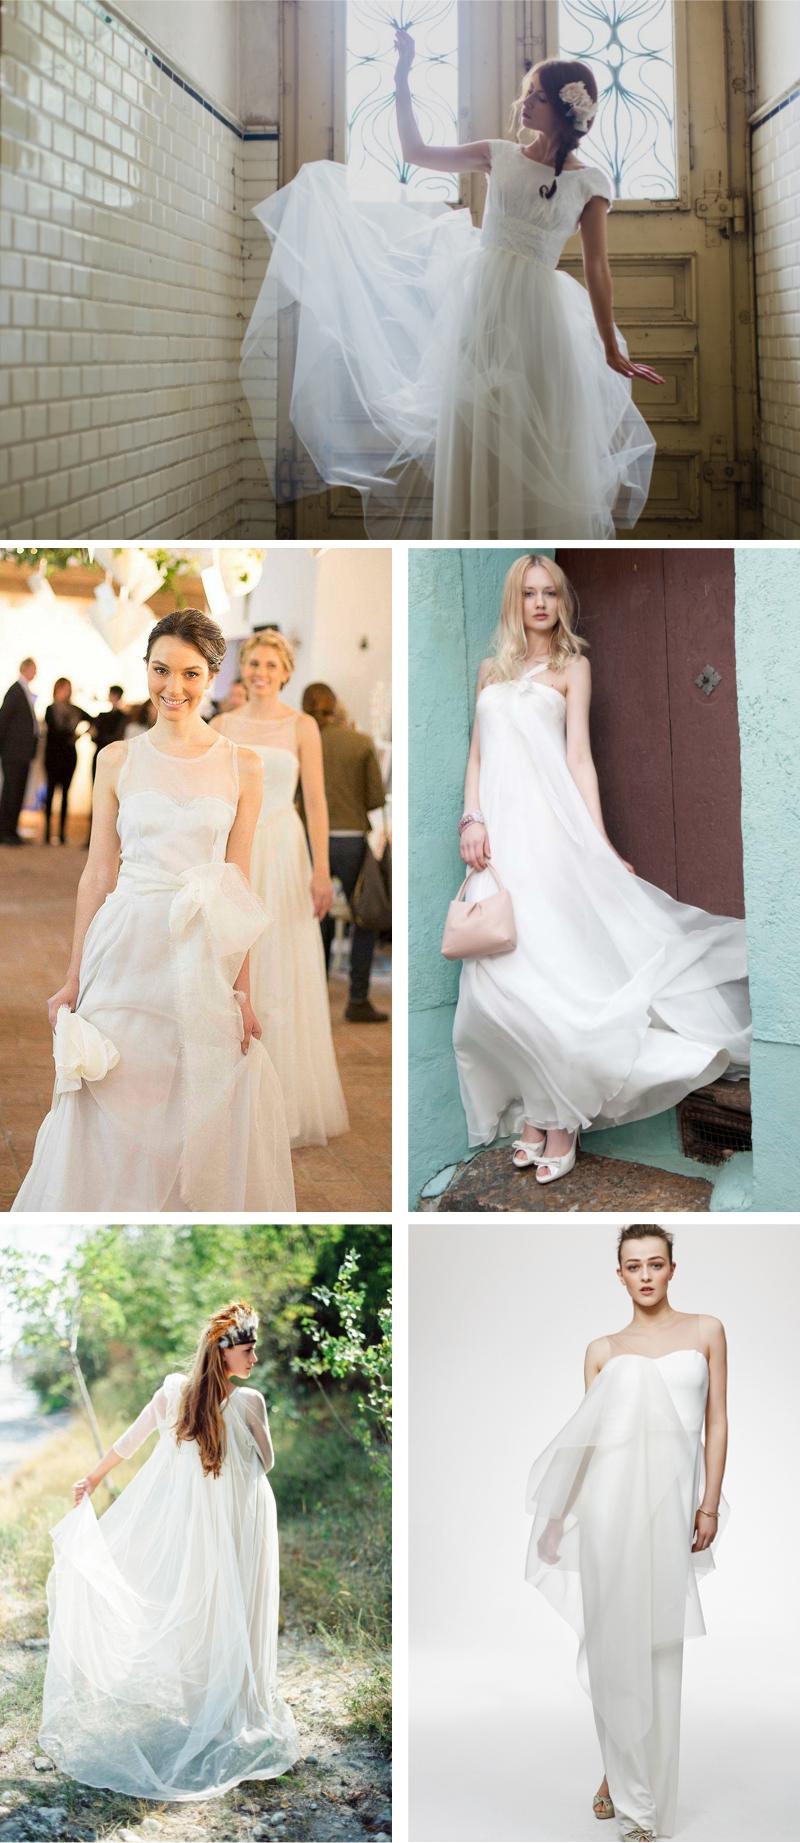 Brautkleid-Trends 2014 - Teil 3: Transparenzen